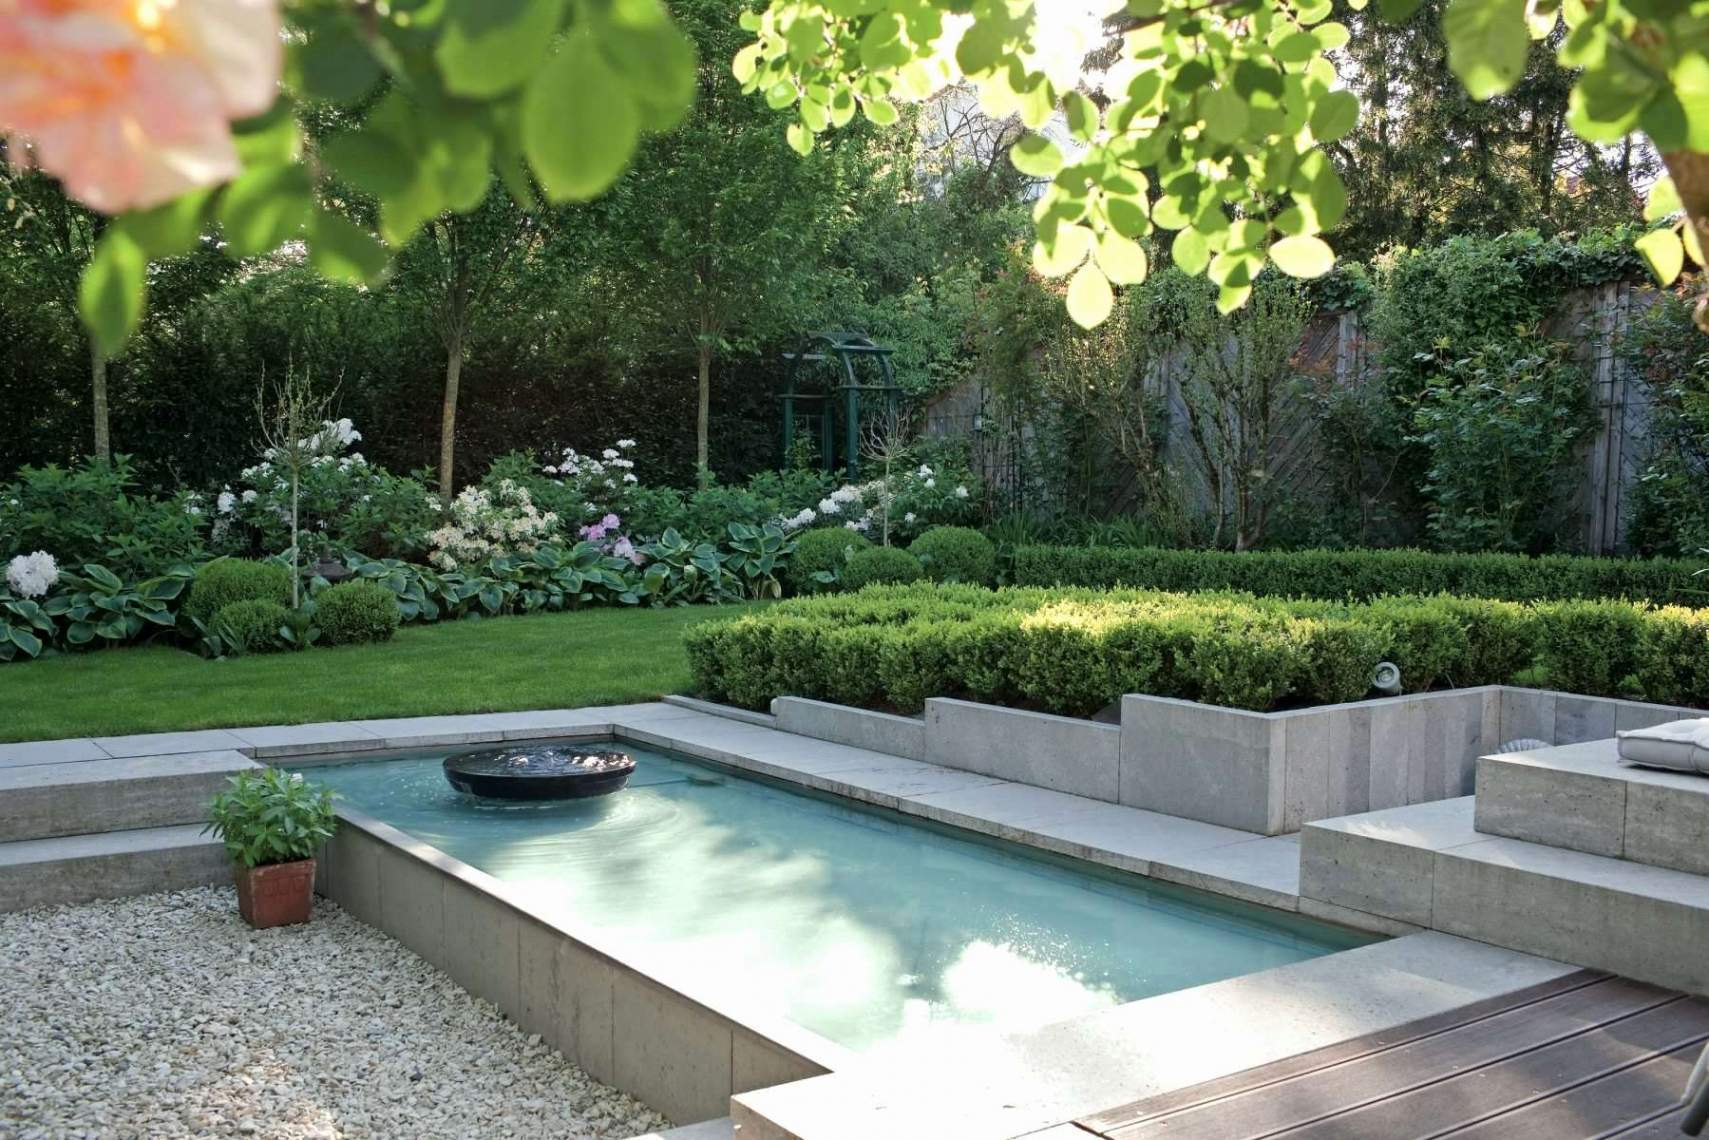 Ein Birnbaum In Seinem Garten Stand Elegant 27 Neu Grillplatz Garten Reizend